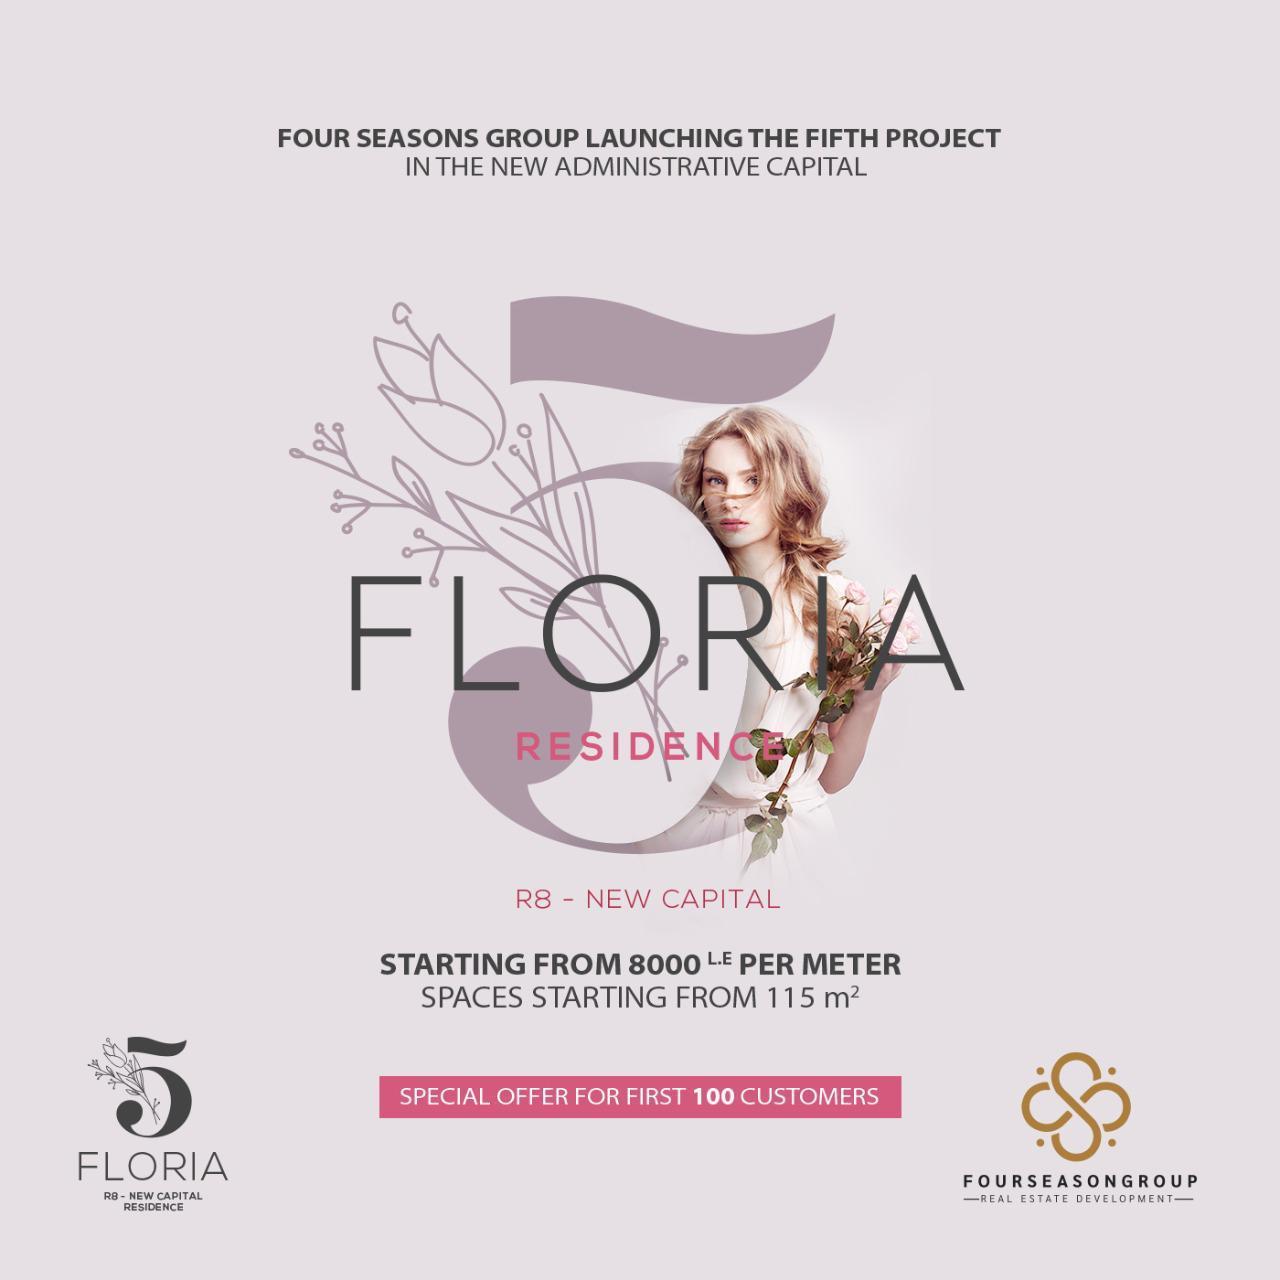 فلوريا العاصمة الادارية الجديدة Floria New Capital